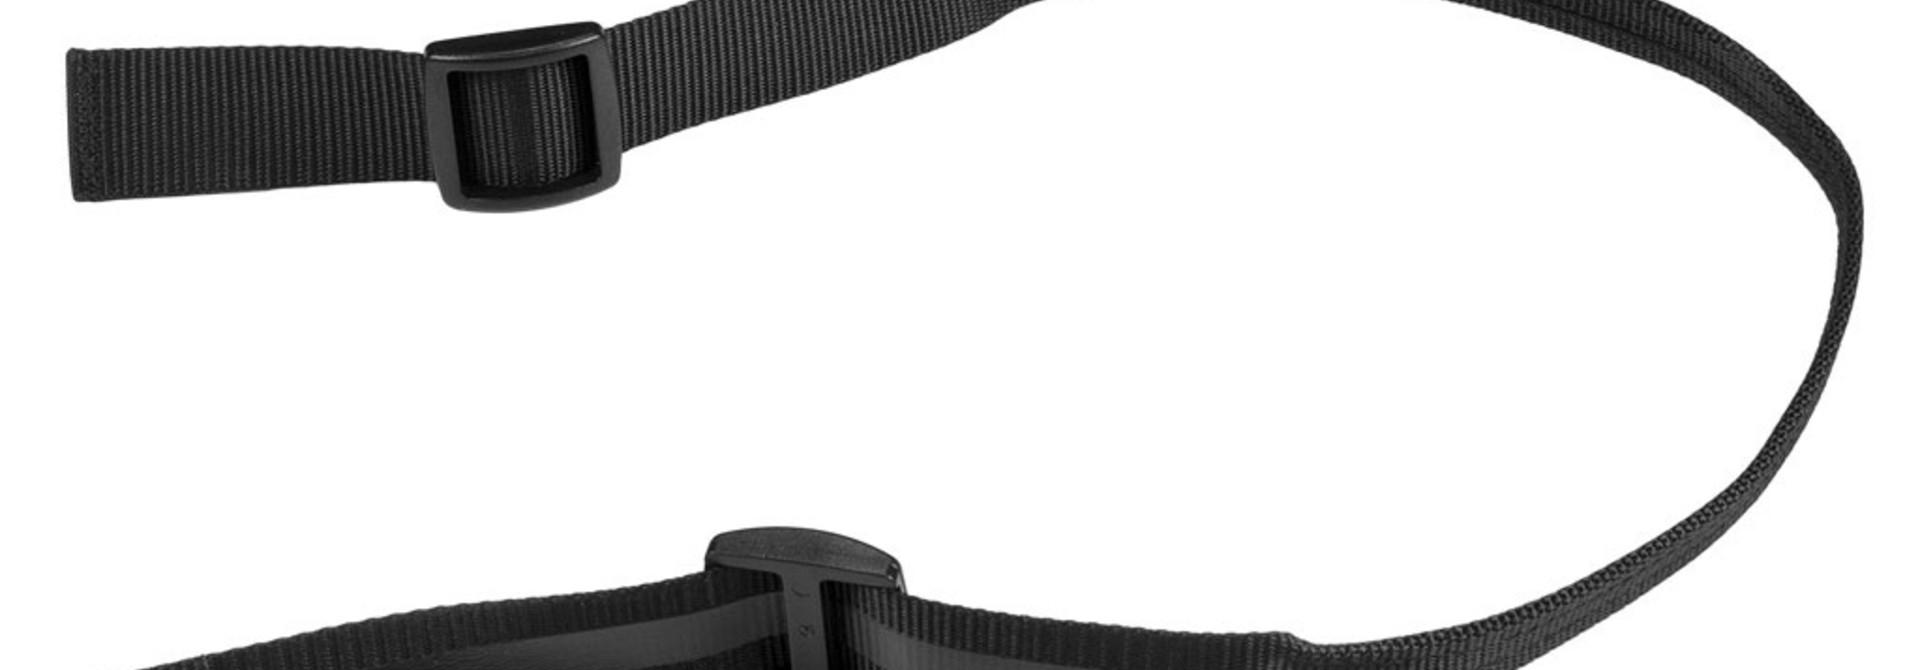 Non-stop CaniX Belt Front Piece